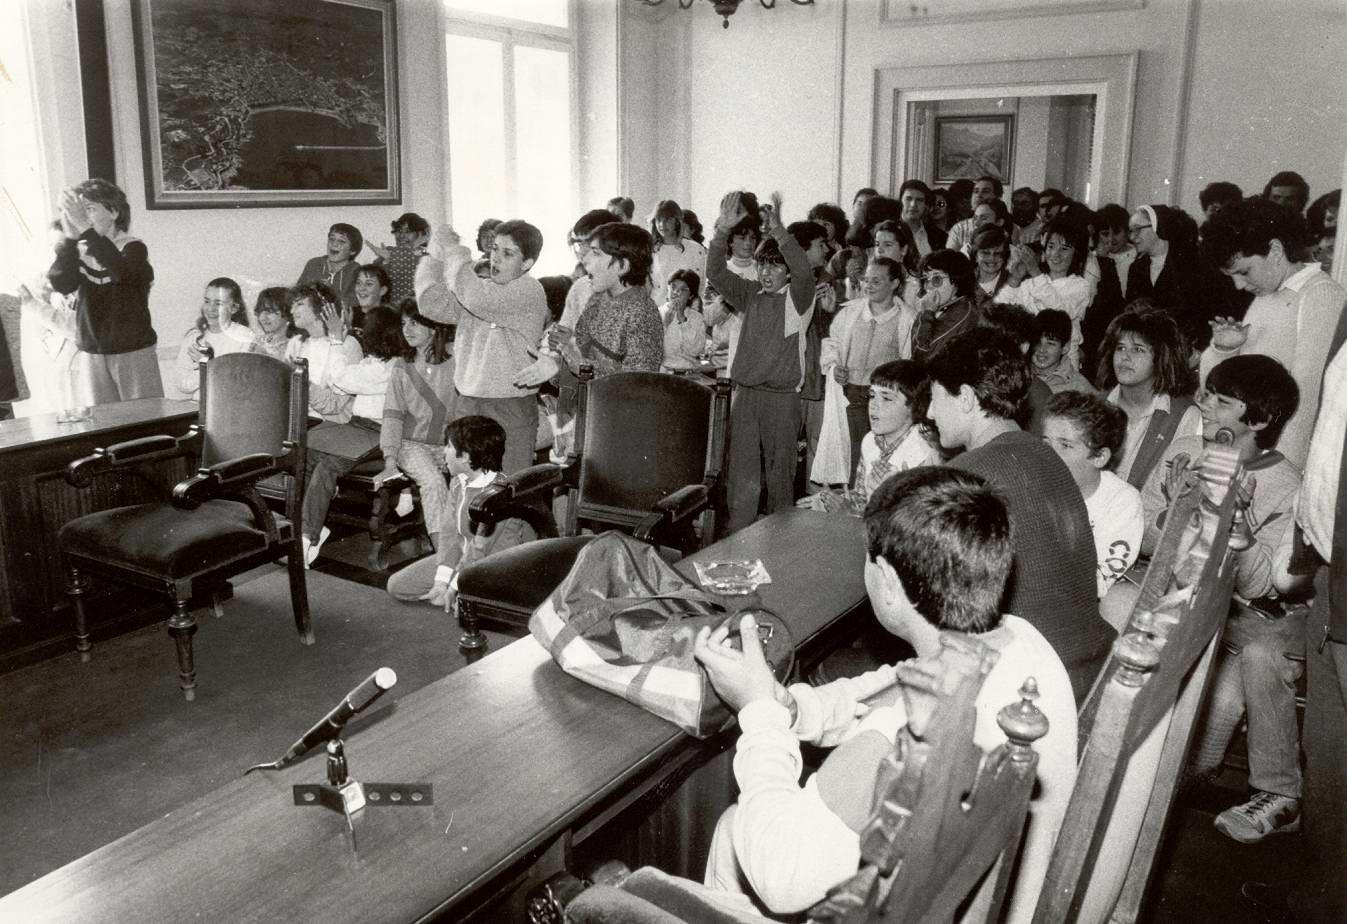 Lliurament de premis de la Mostra Literària de Sant Jordi a la Sala de Plens de l'Ajuntament de Sant Feliu de Guíxols, 23 d'abril de 1986 AMSFG. Col·lecció Municipal d'Imatges (Procedència: El Punt/Autor: Enric Estarlí)